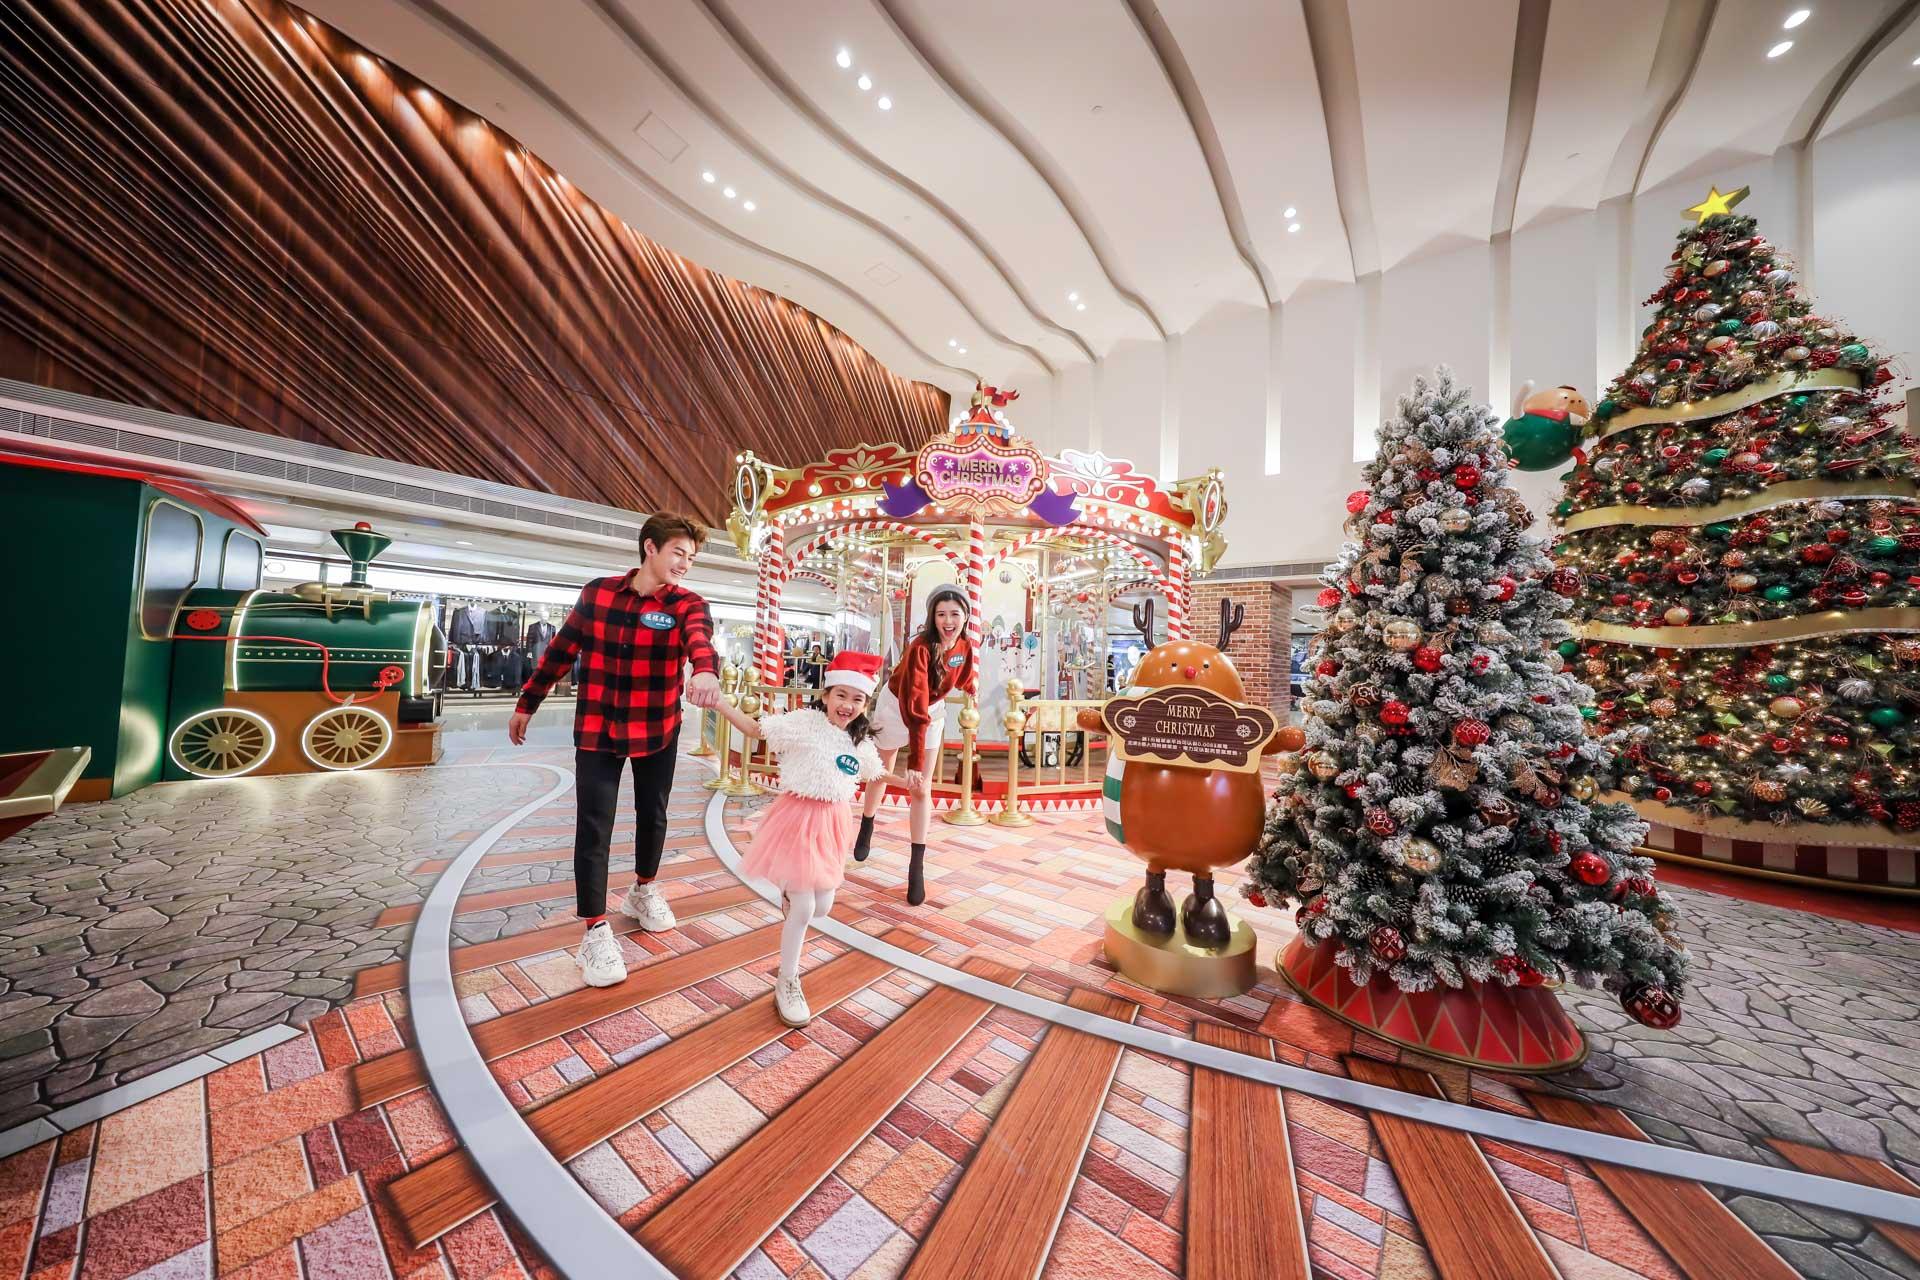 德福廣場:互動聖誕嘉年華 德福廣場今年以互動聖誕嘉年華為主題